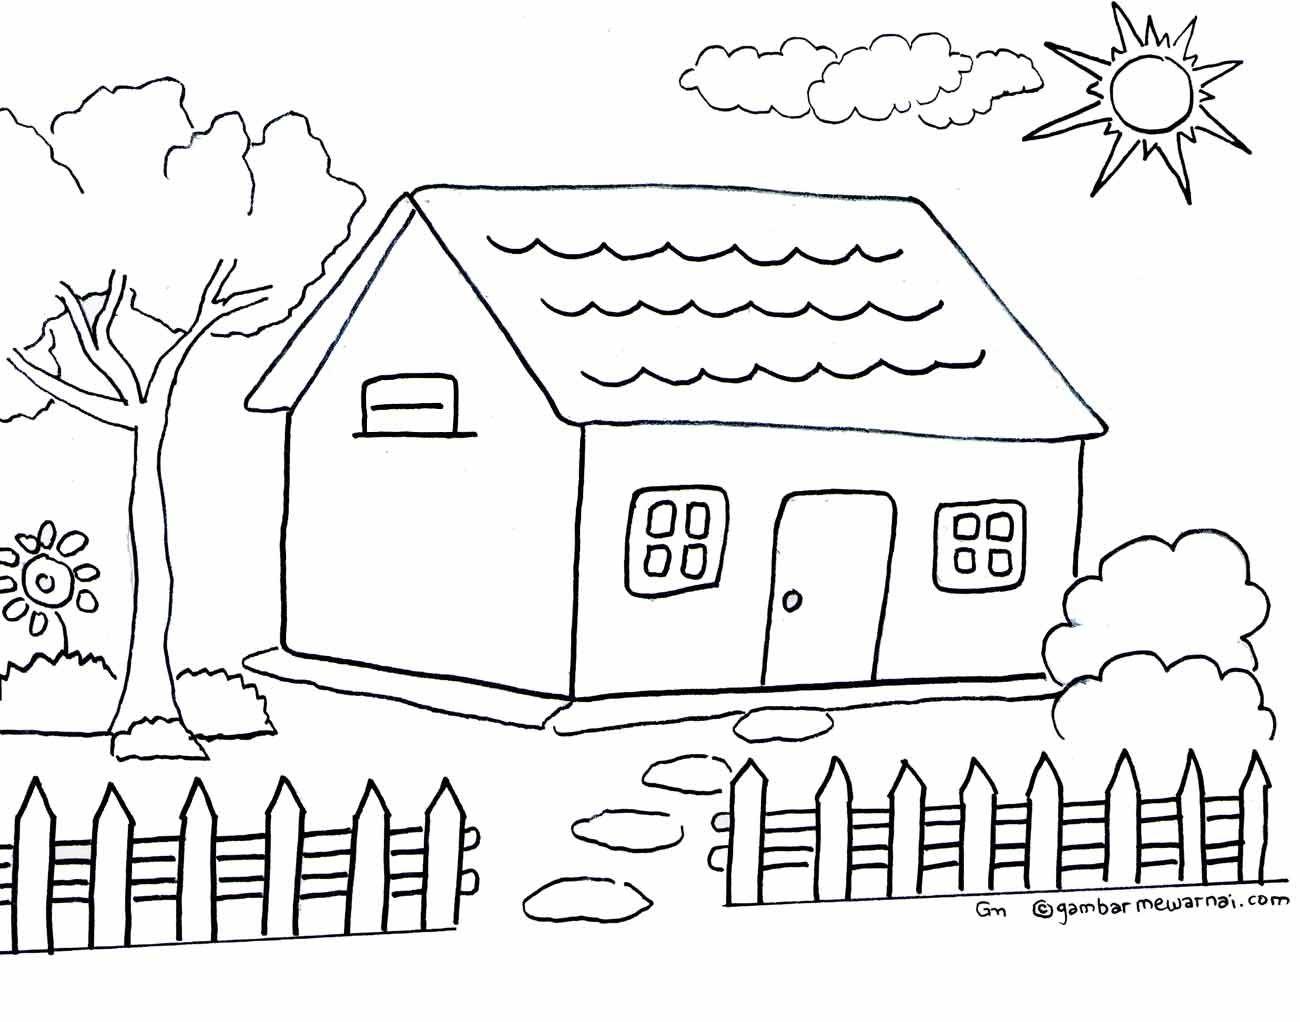 Belajar Mewarnai Gambar Pemandangan Mewarnai Rumah Mewarnai Cerita Terbaru Lucu Sedih Humor Kocak Romantis